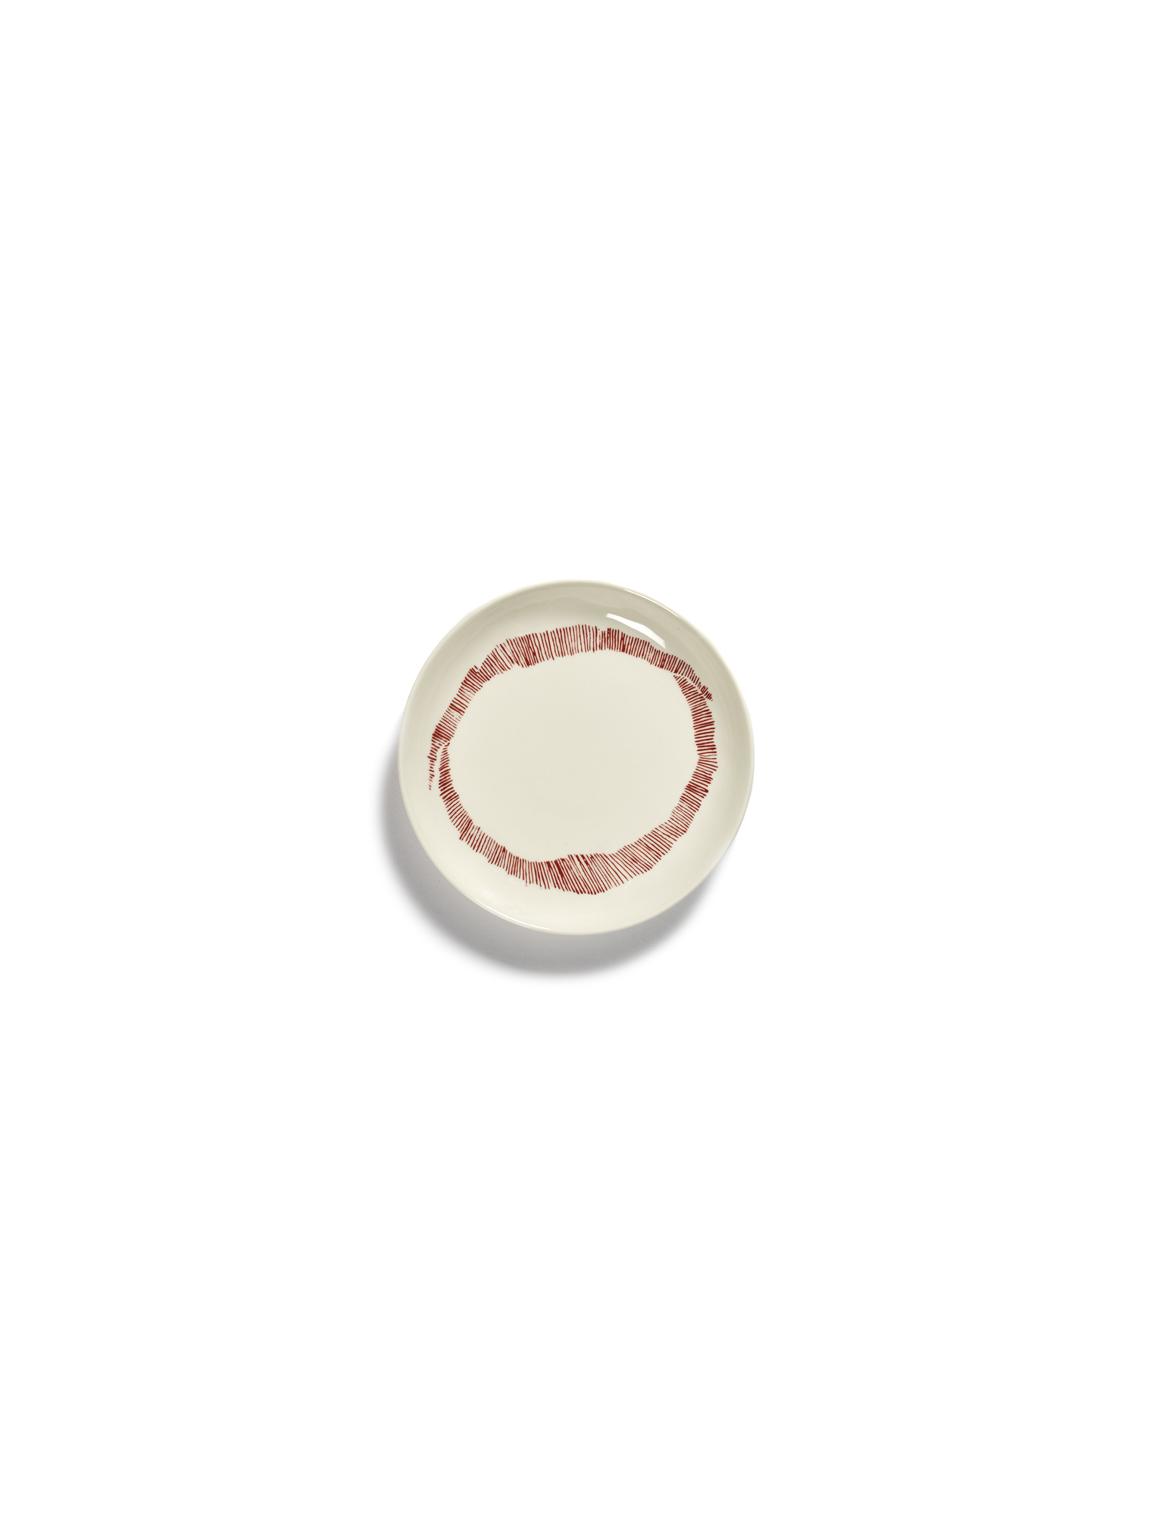 assiette feast xs blanc et rouge 16x16x2 B8921003Cs1